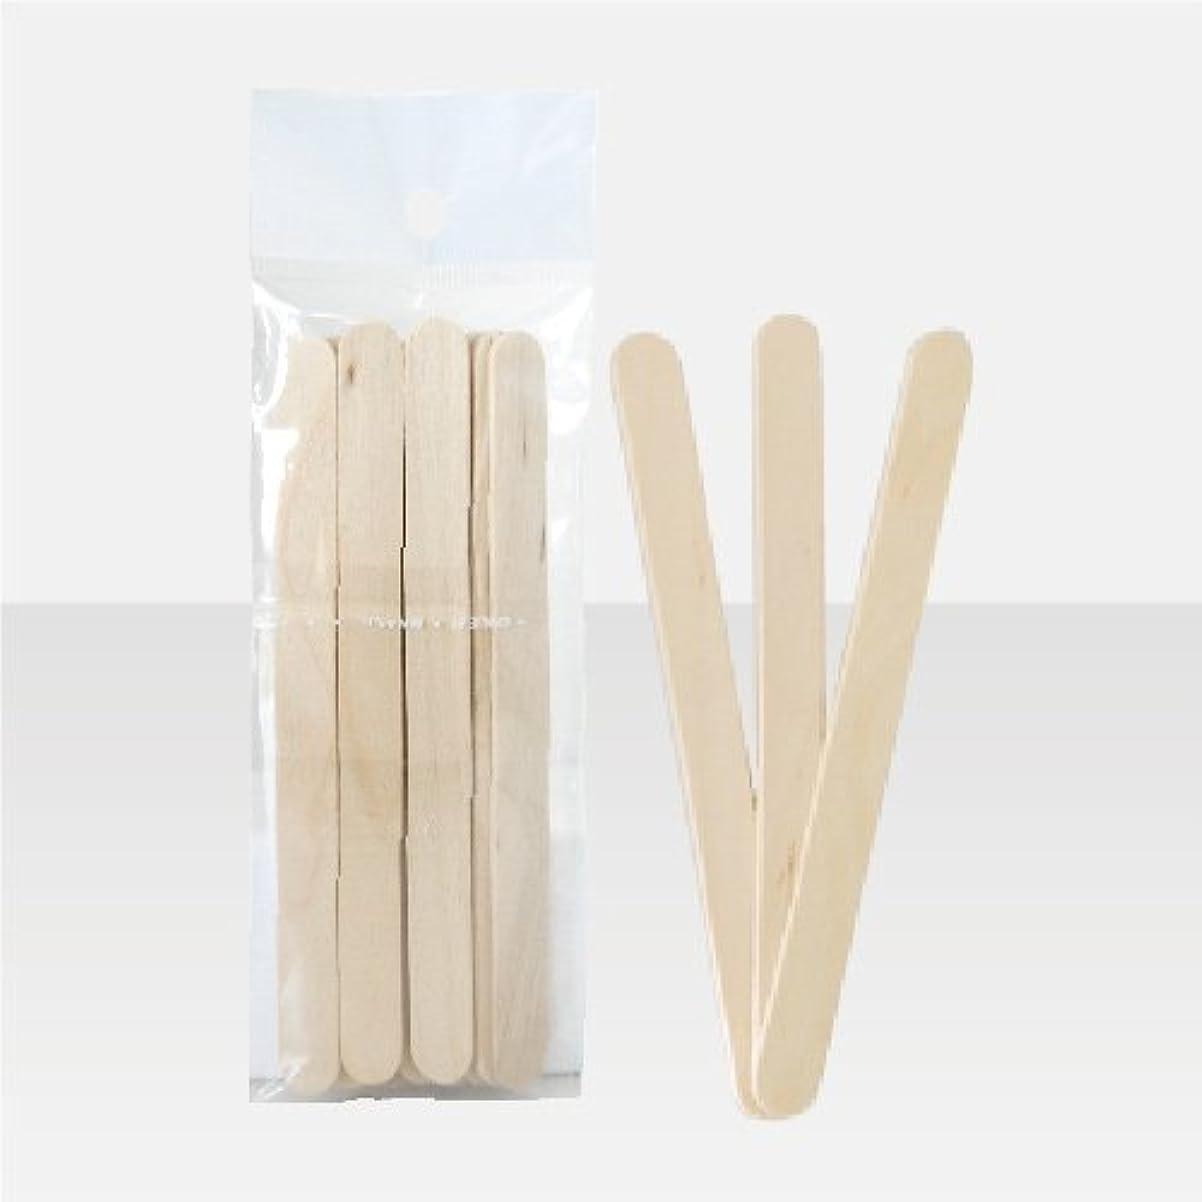 重量汚れたノイズブラジリアンワックス 脱毛ワックス用  ワックススパチュラ 木ベラ /10本セット Sサイズ